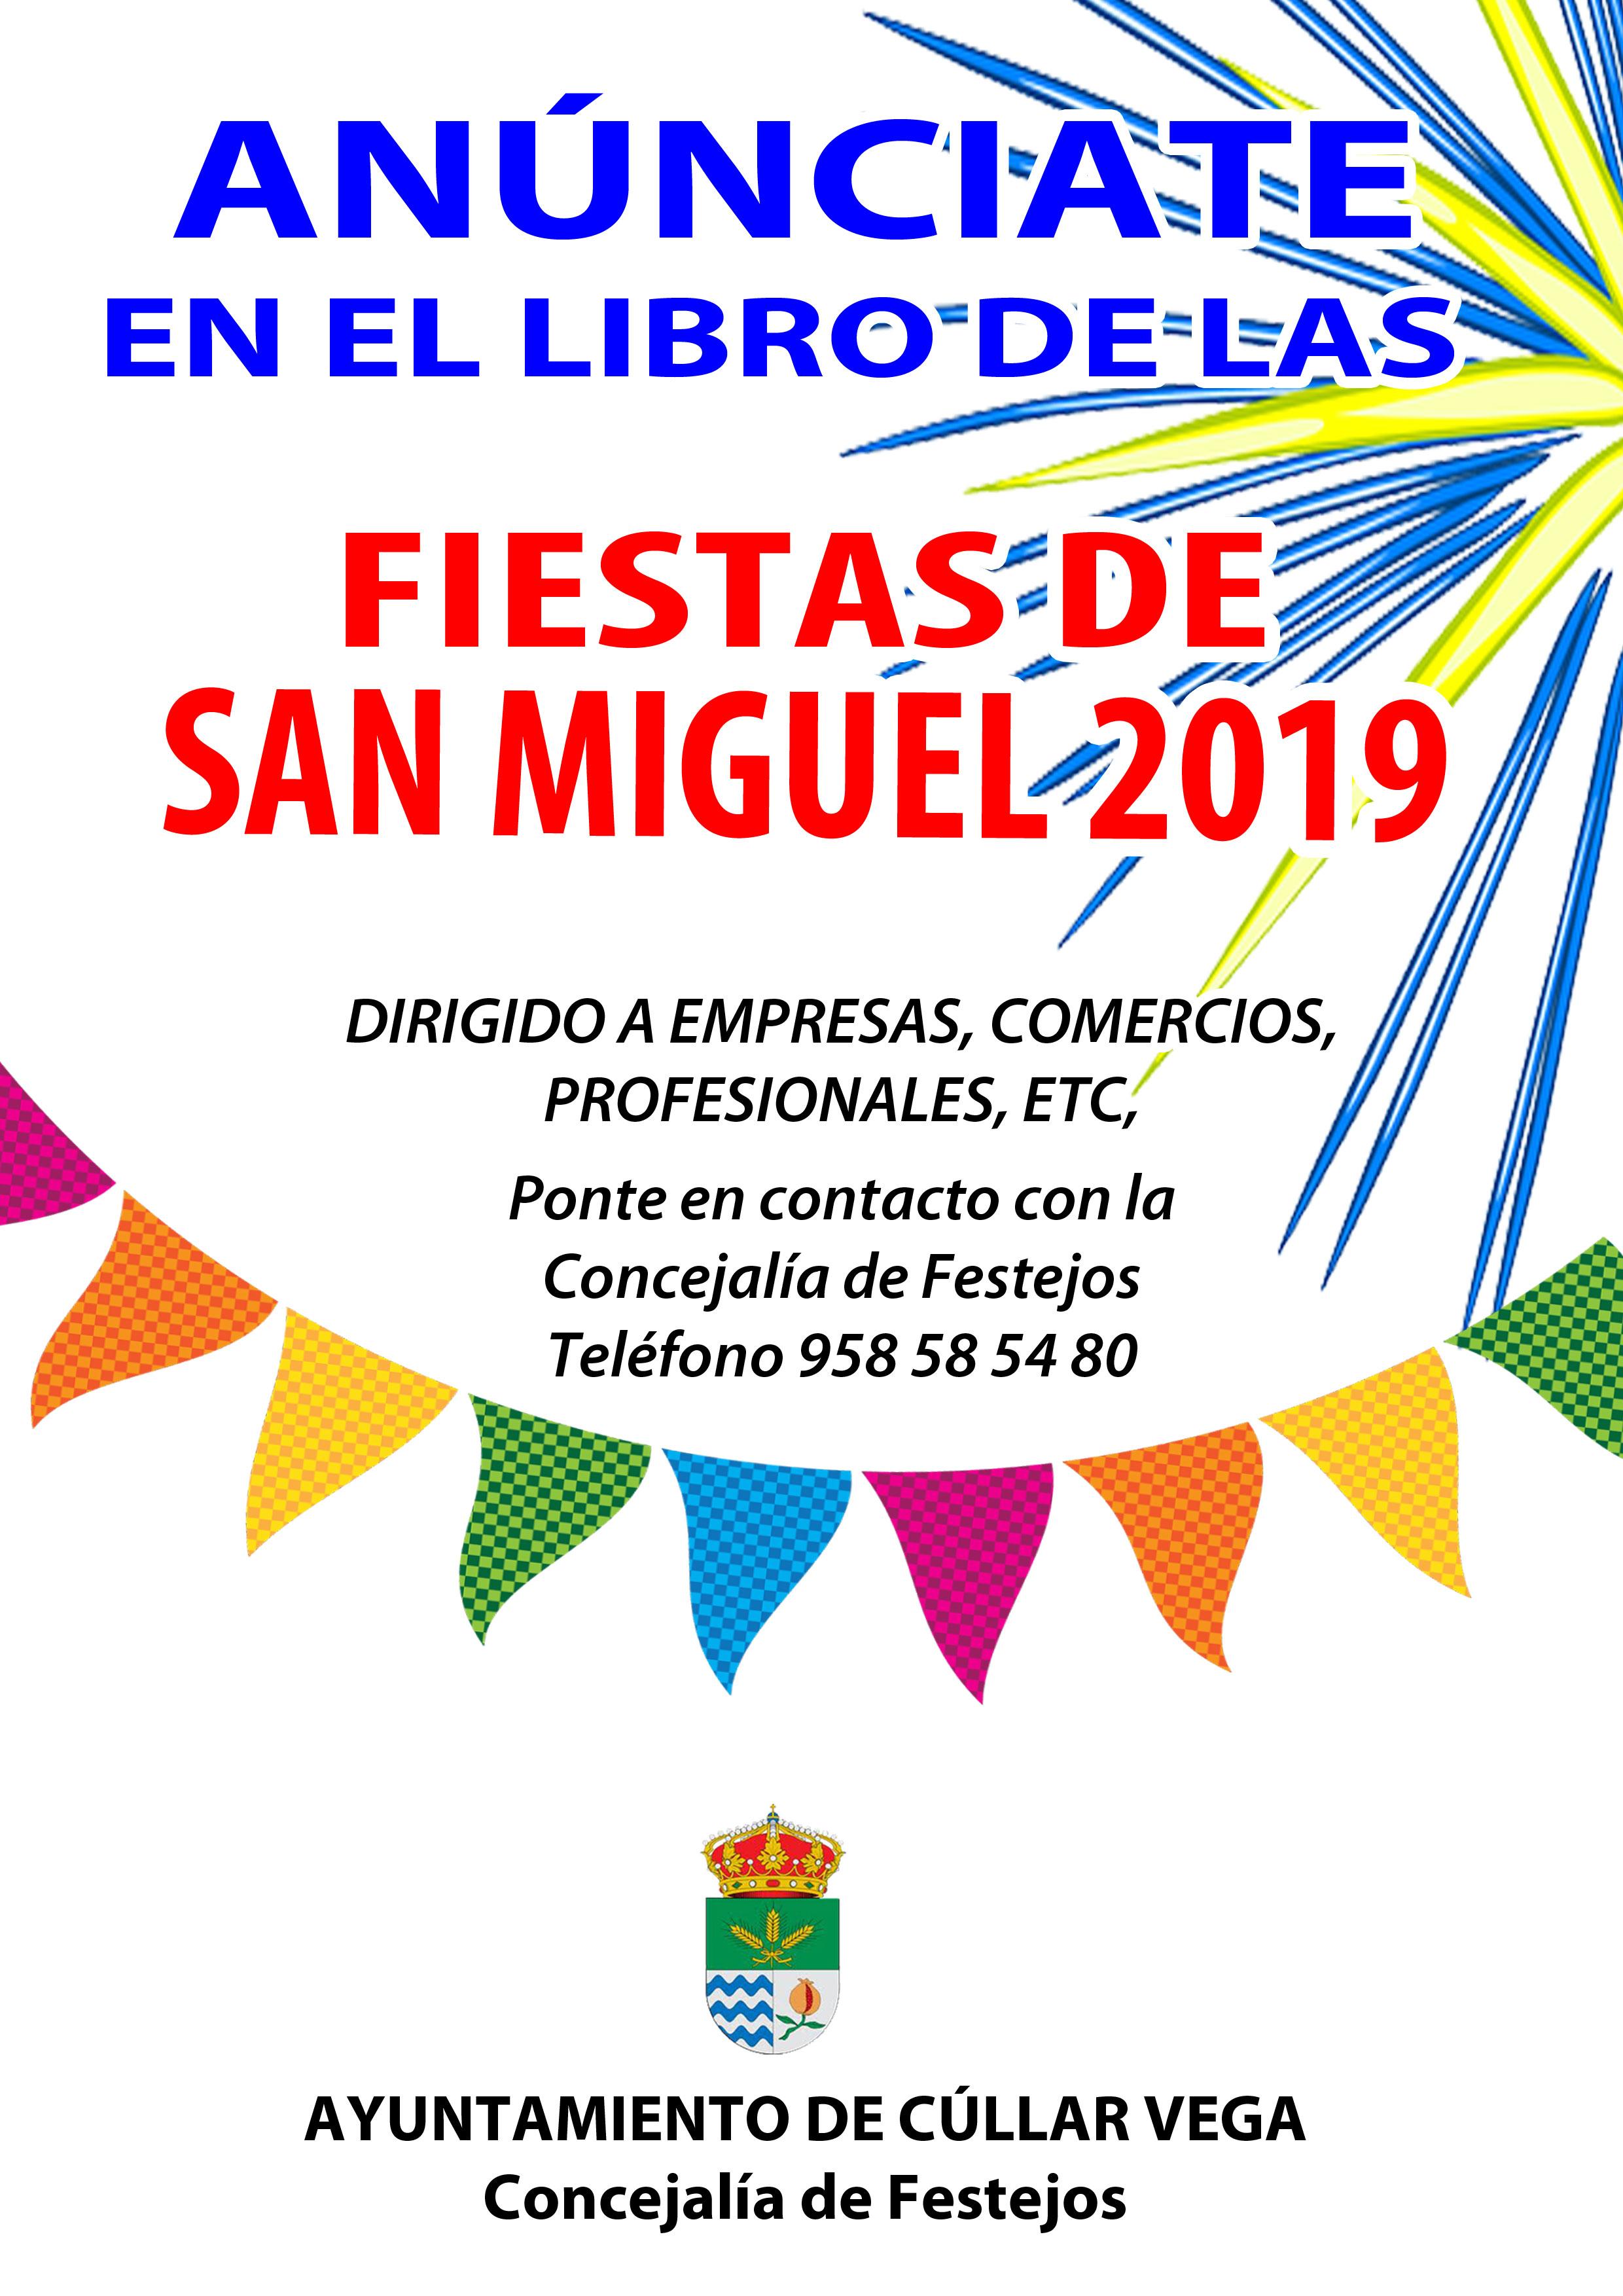 Anúnciate en el Libro de las Fiestas 2019